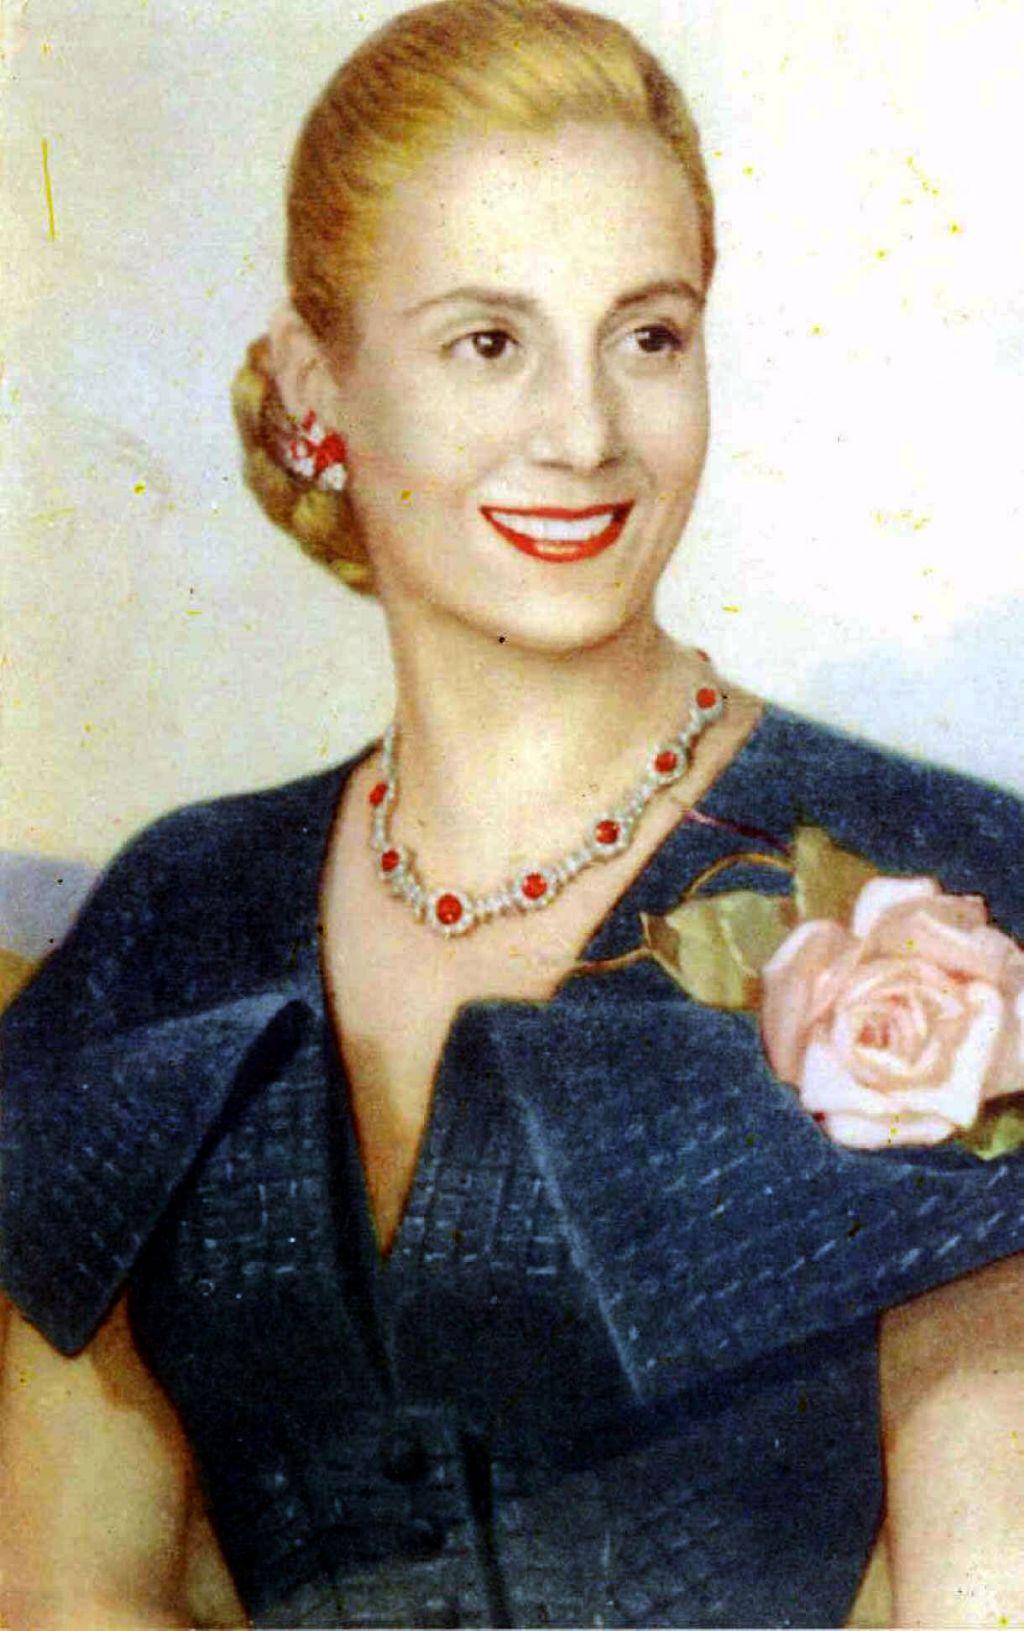 Agrupaciones del PJ recordarán a Eva Perón